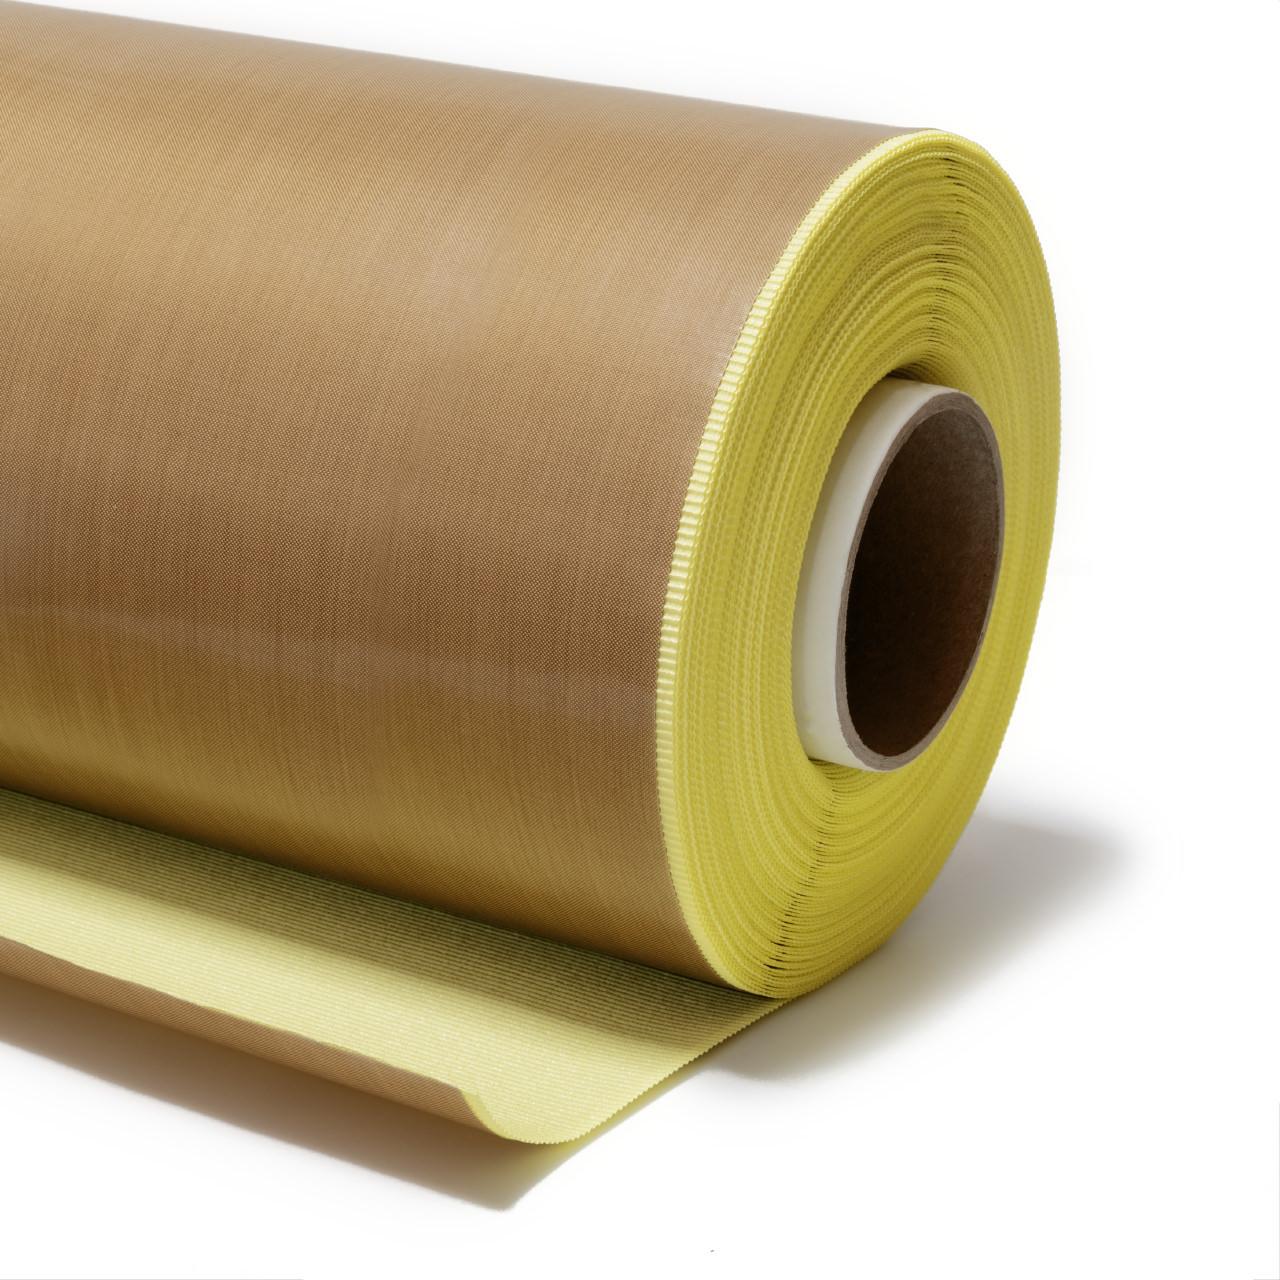 Тефлоновая лента самоклеющаяся толщина 0.33 мм